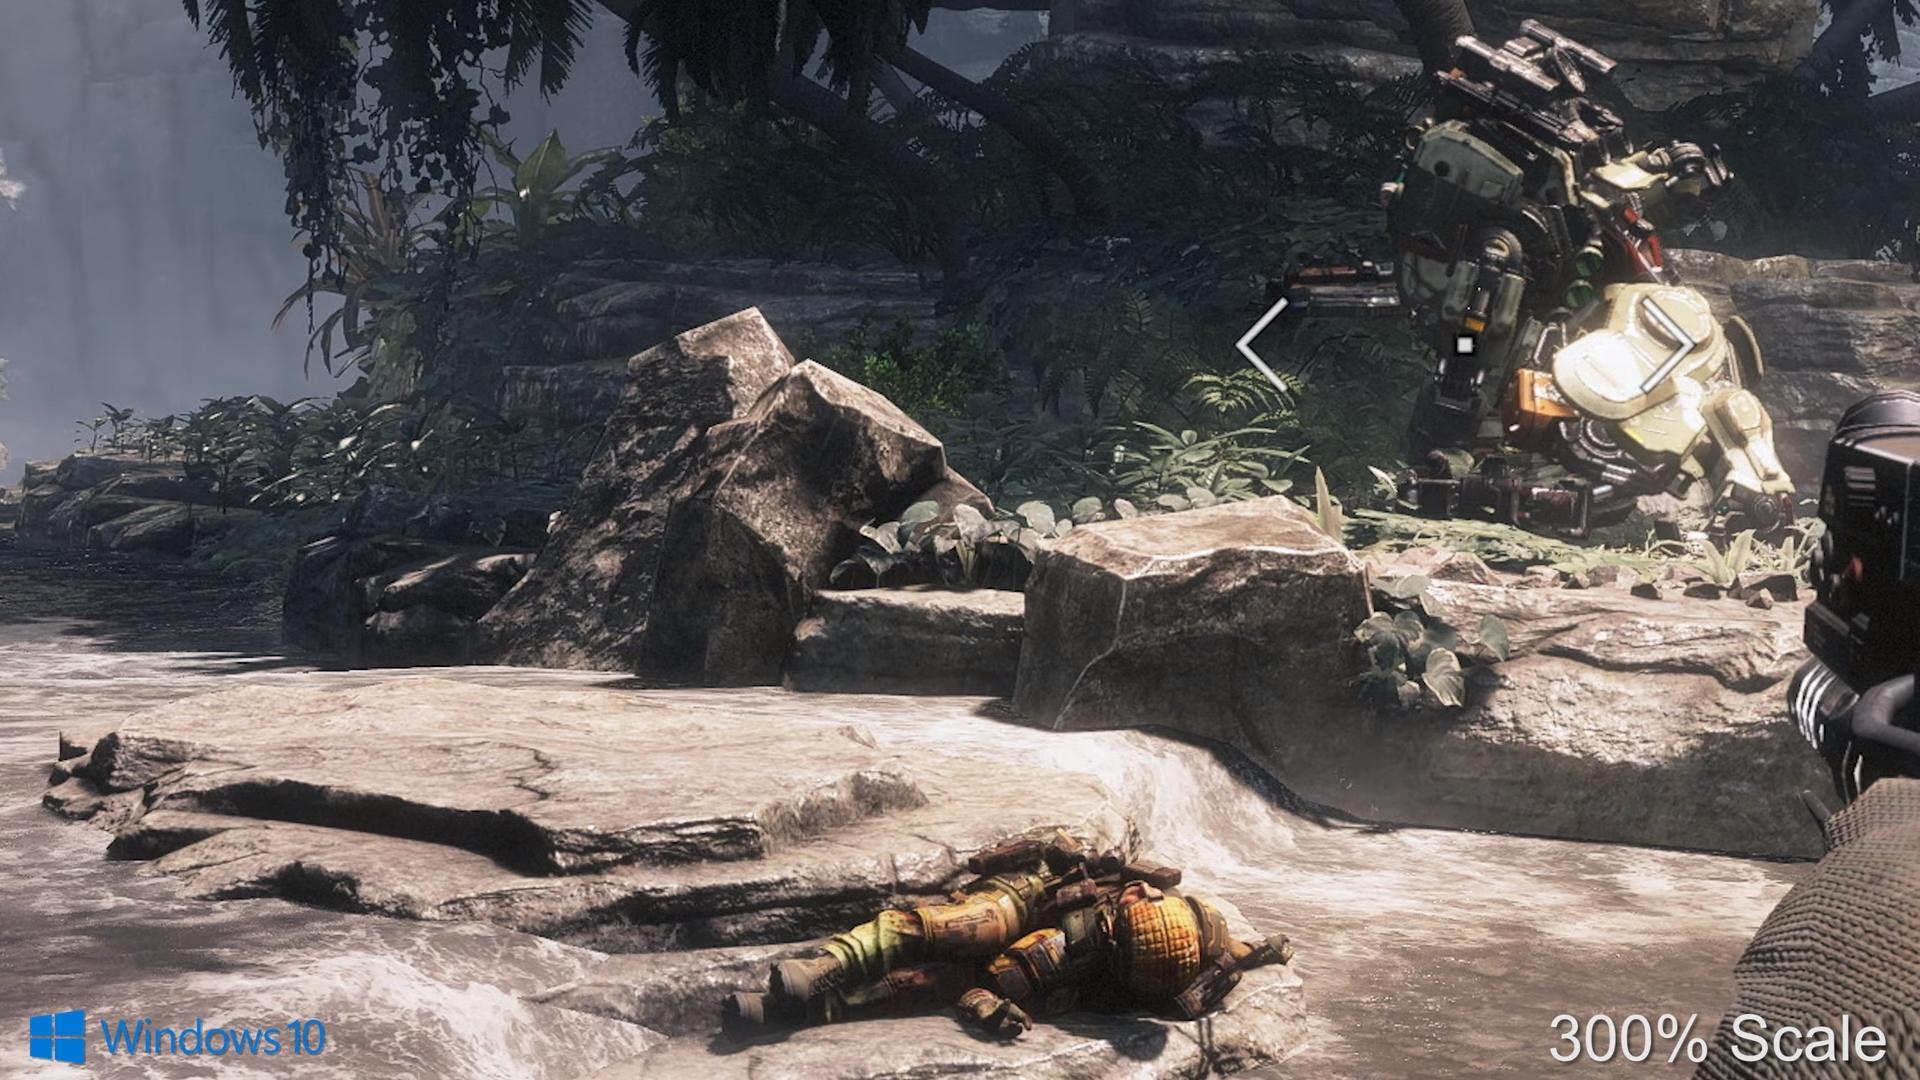 Inferior ao esperado: há alguma coisa errada em Titanfall 2 do Xbox One X